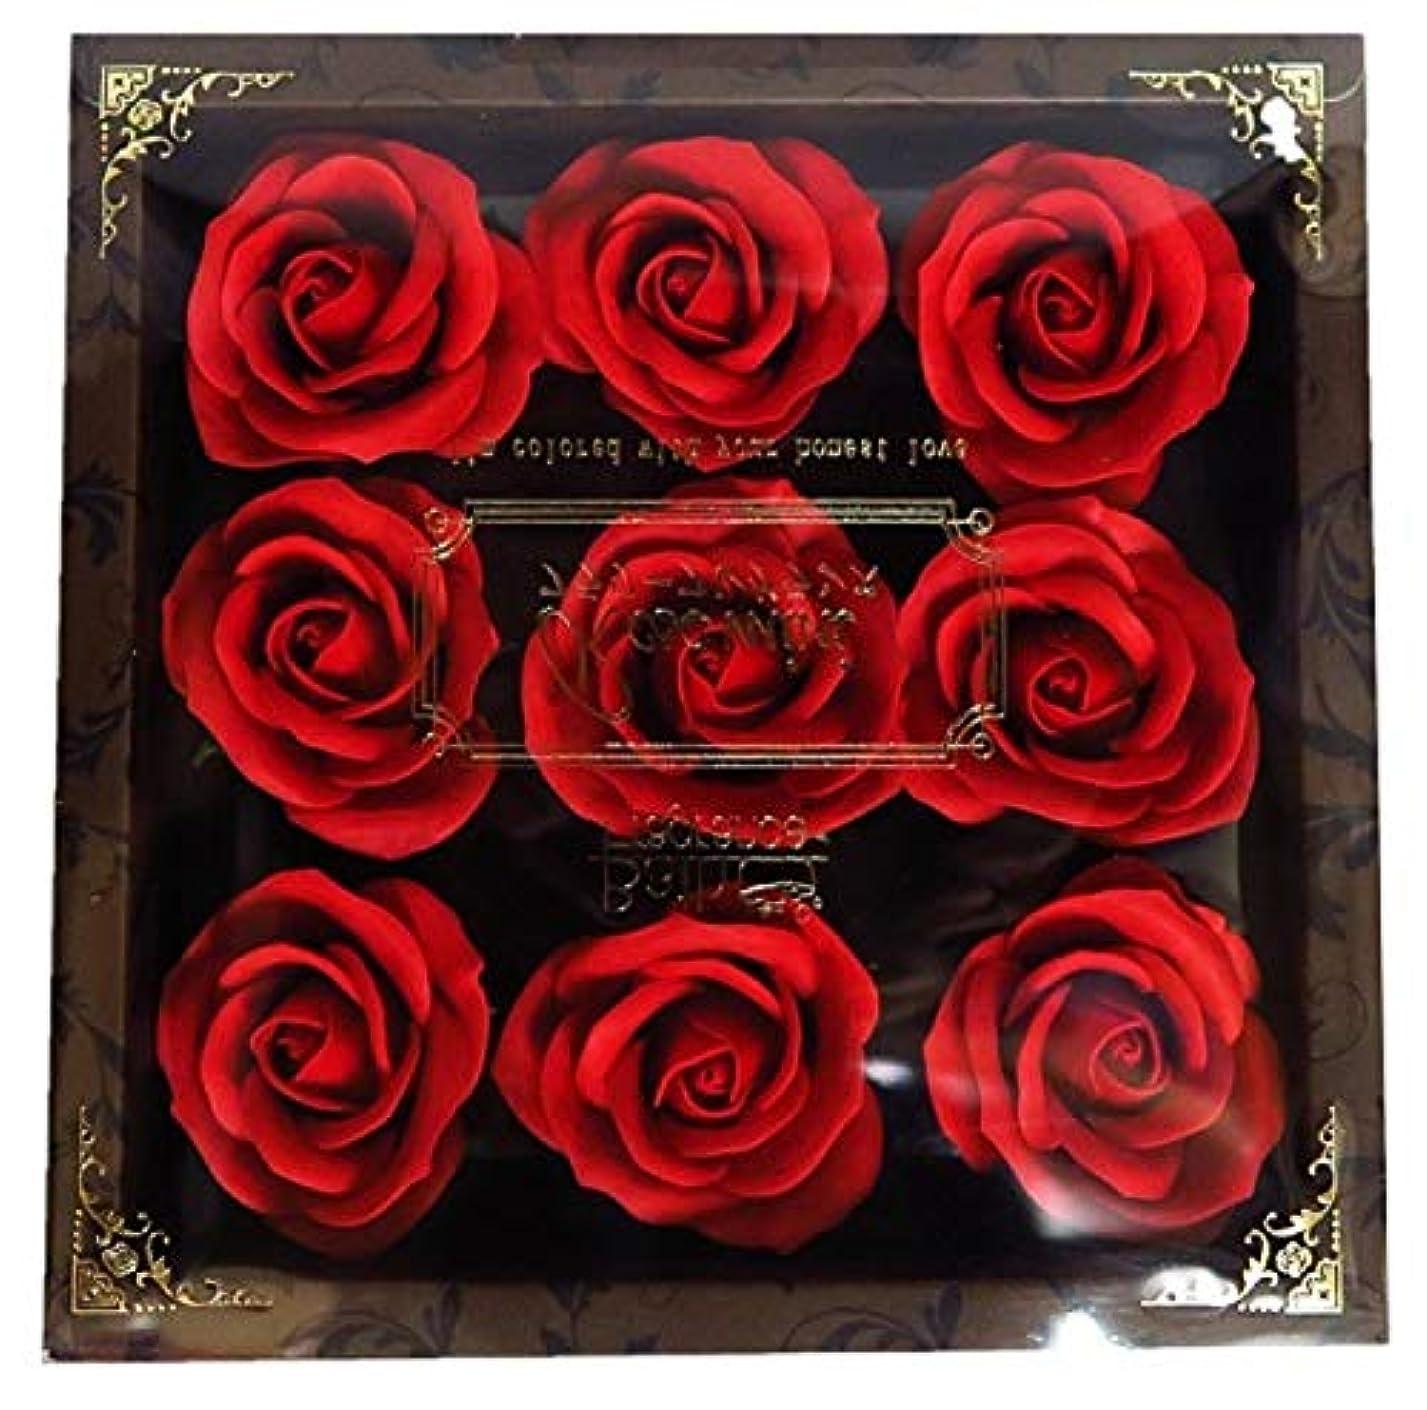 休眠八百屋舗装バスフレグランス フラワーフレグランス ミニローズフレグランス(L)レッド ギフト お花の形の入浴剤 プレゼント ばら